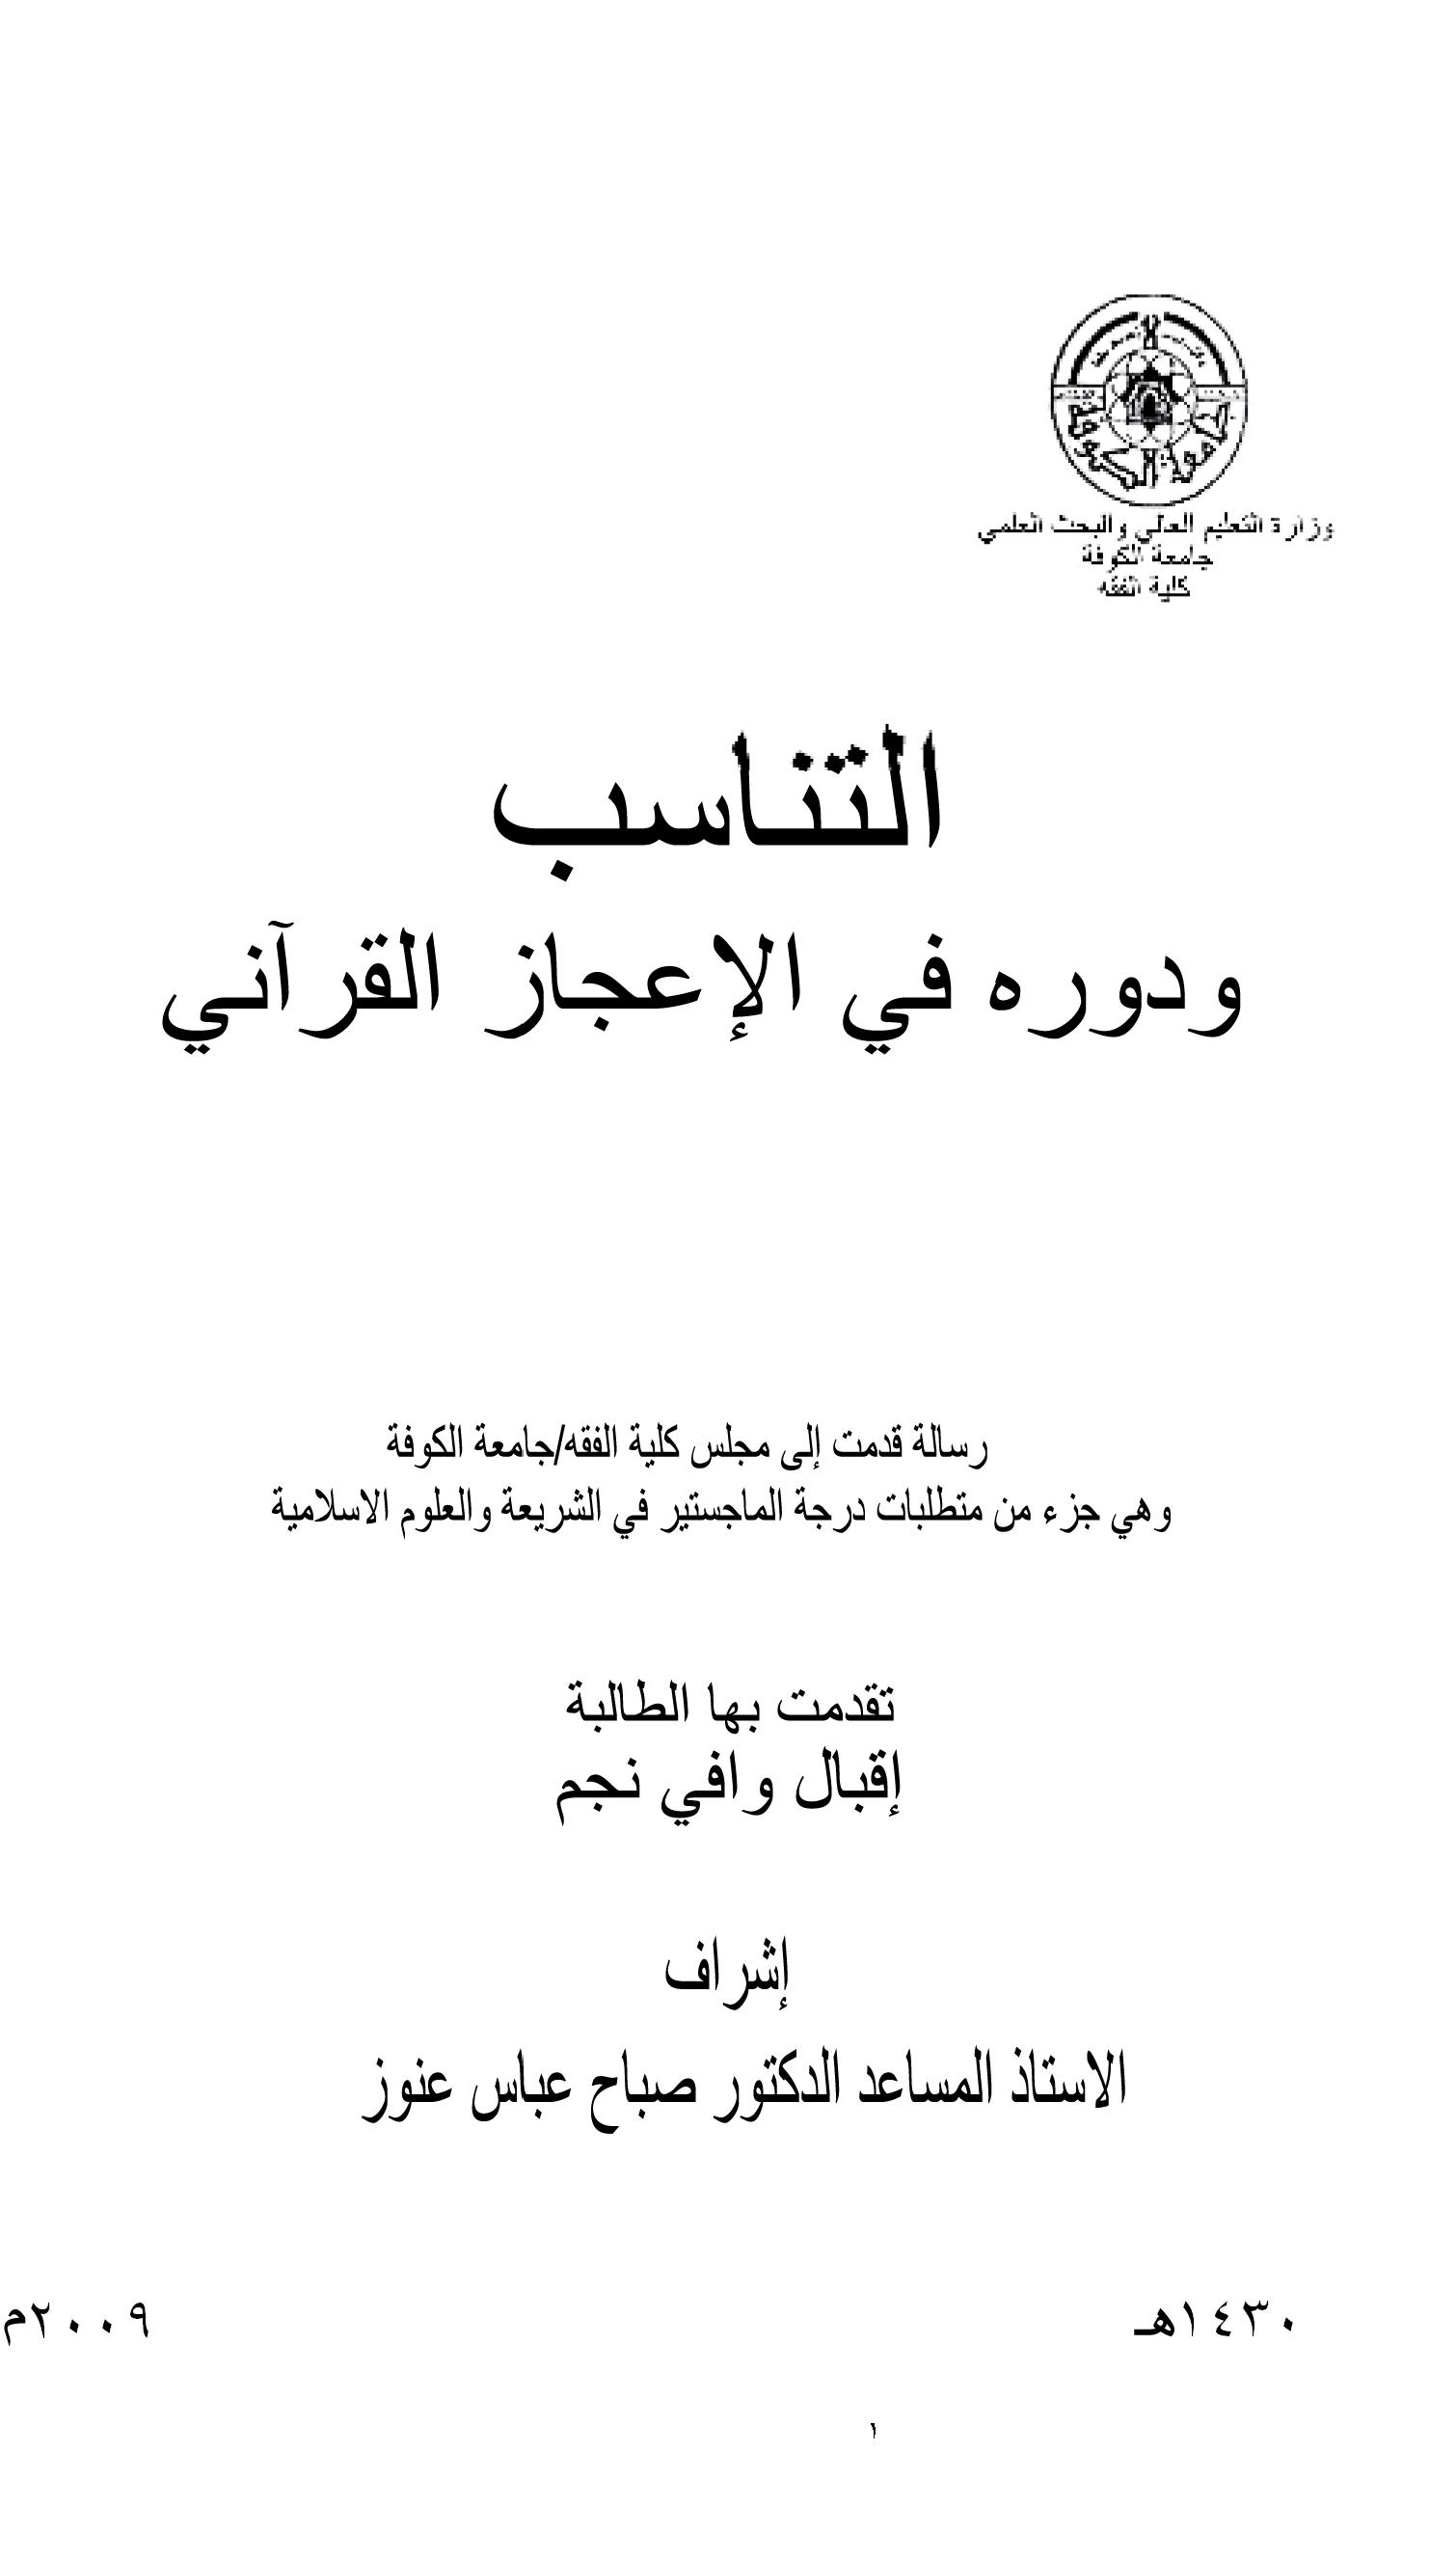 تحميل كتاب التناسب ودوره في الإعجاز القرآني لـِ: إقبال وافي نجم